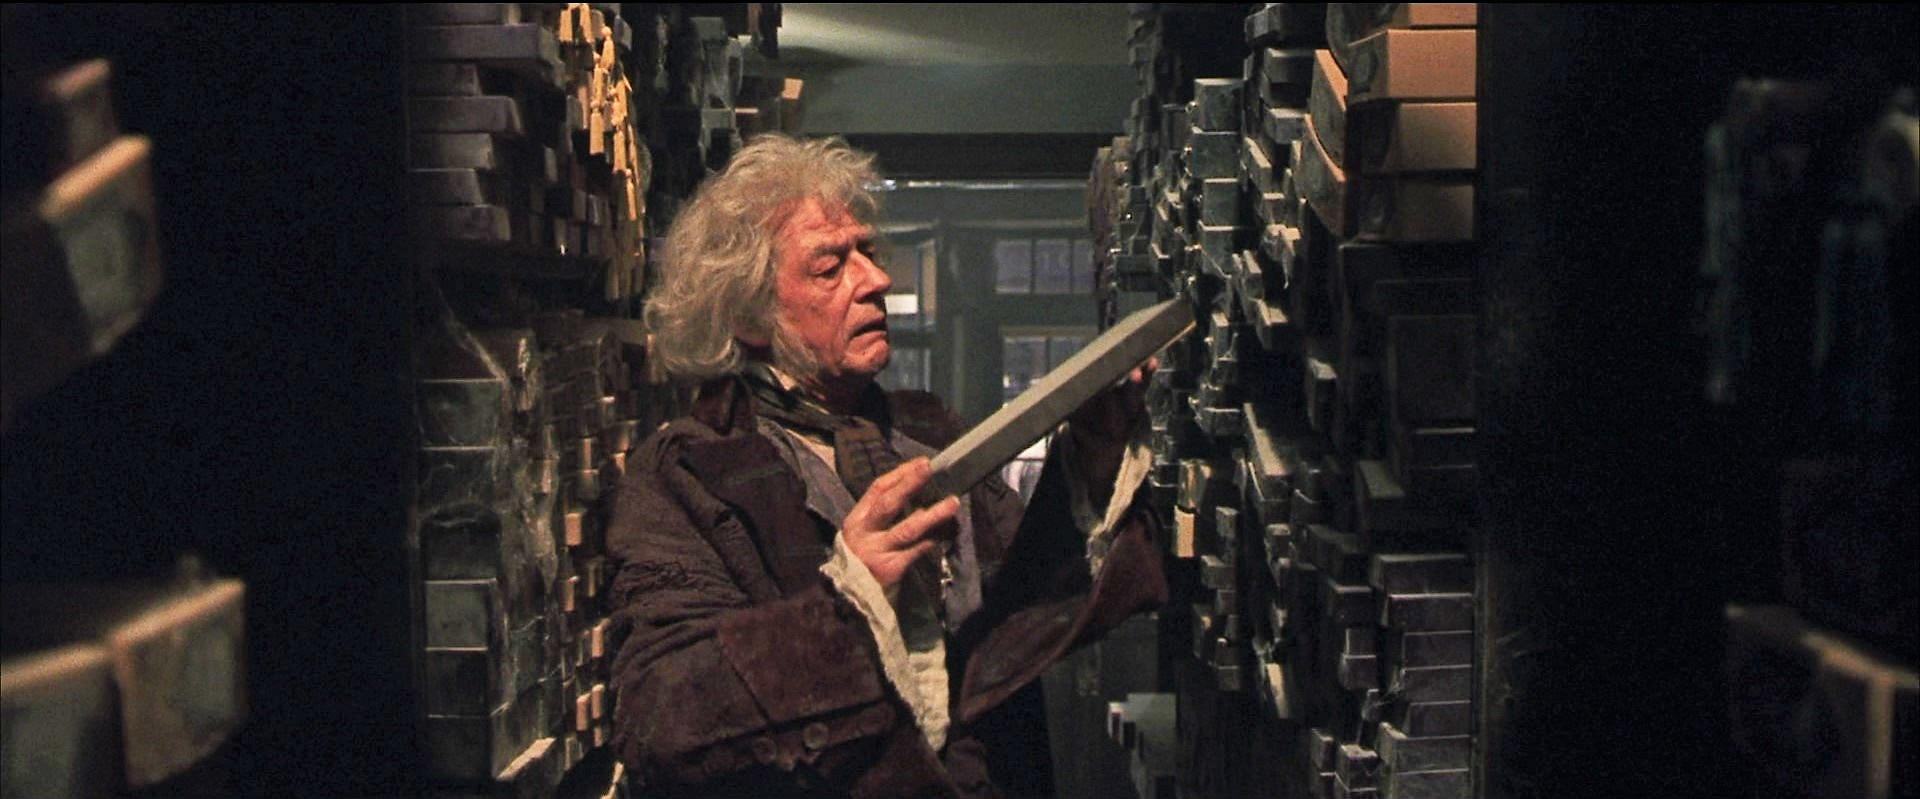 Ollivander hledí na právě vytaženou krabici s hůlkou, kterou předtím vytáhl z police.